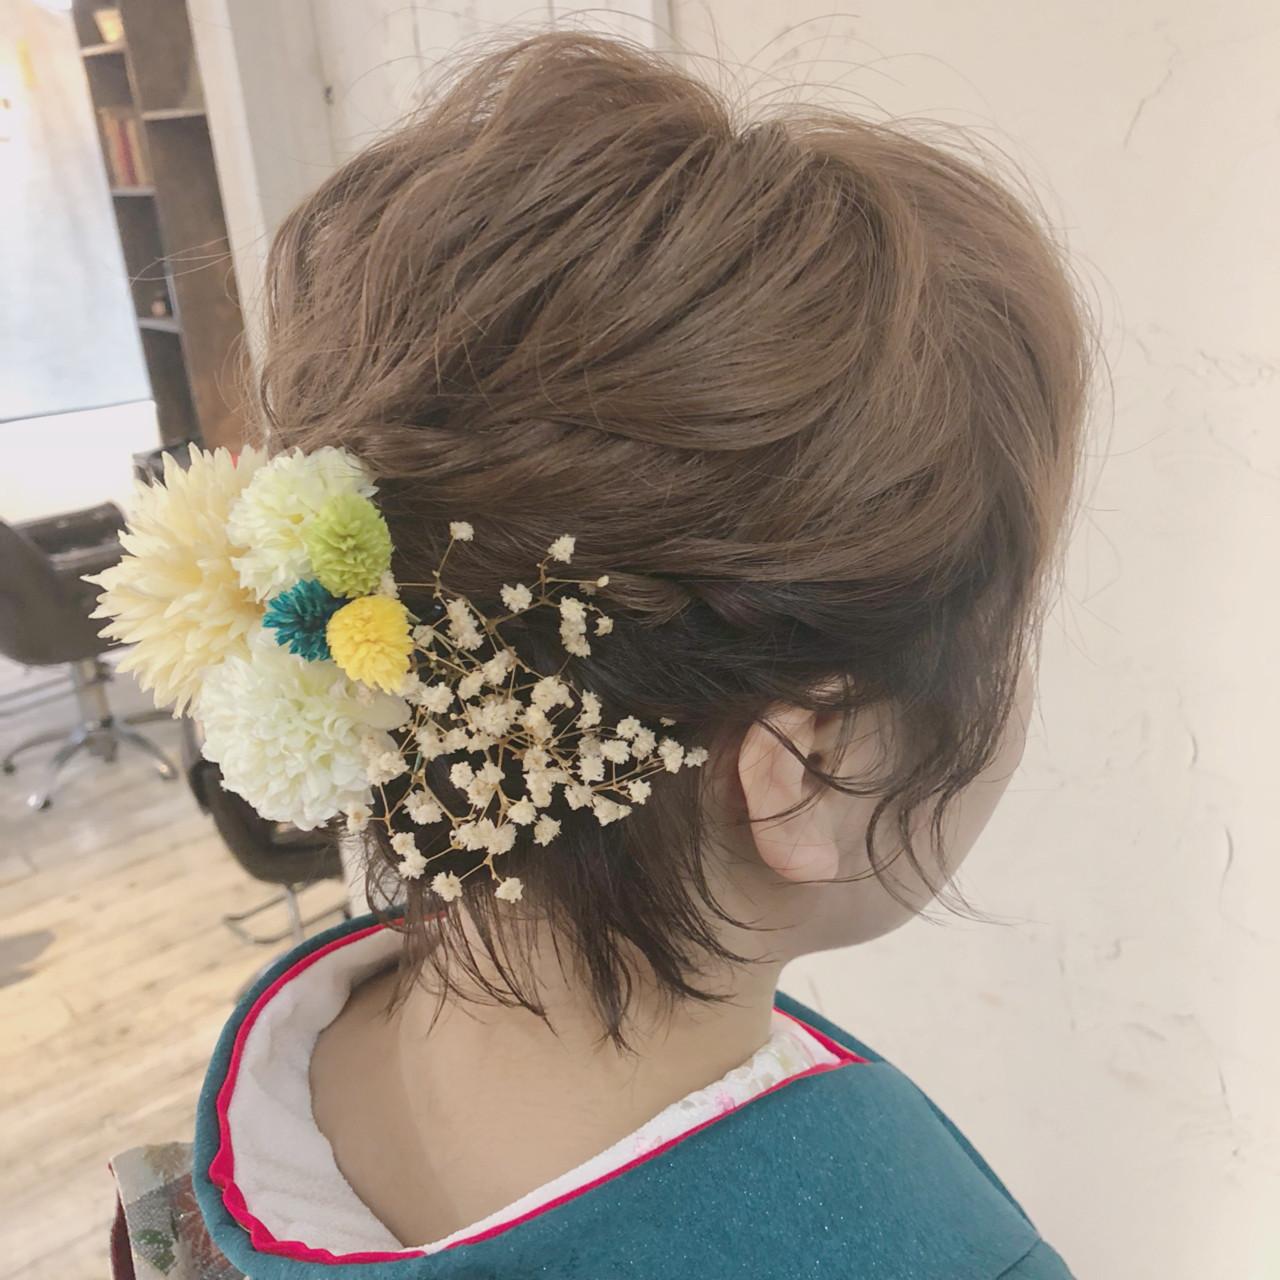 成人式 ショートアレンジ ガーリー ヘアアレンジ ヘアスタイルや髪型の写真・画像